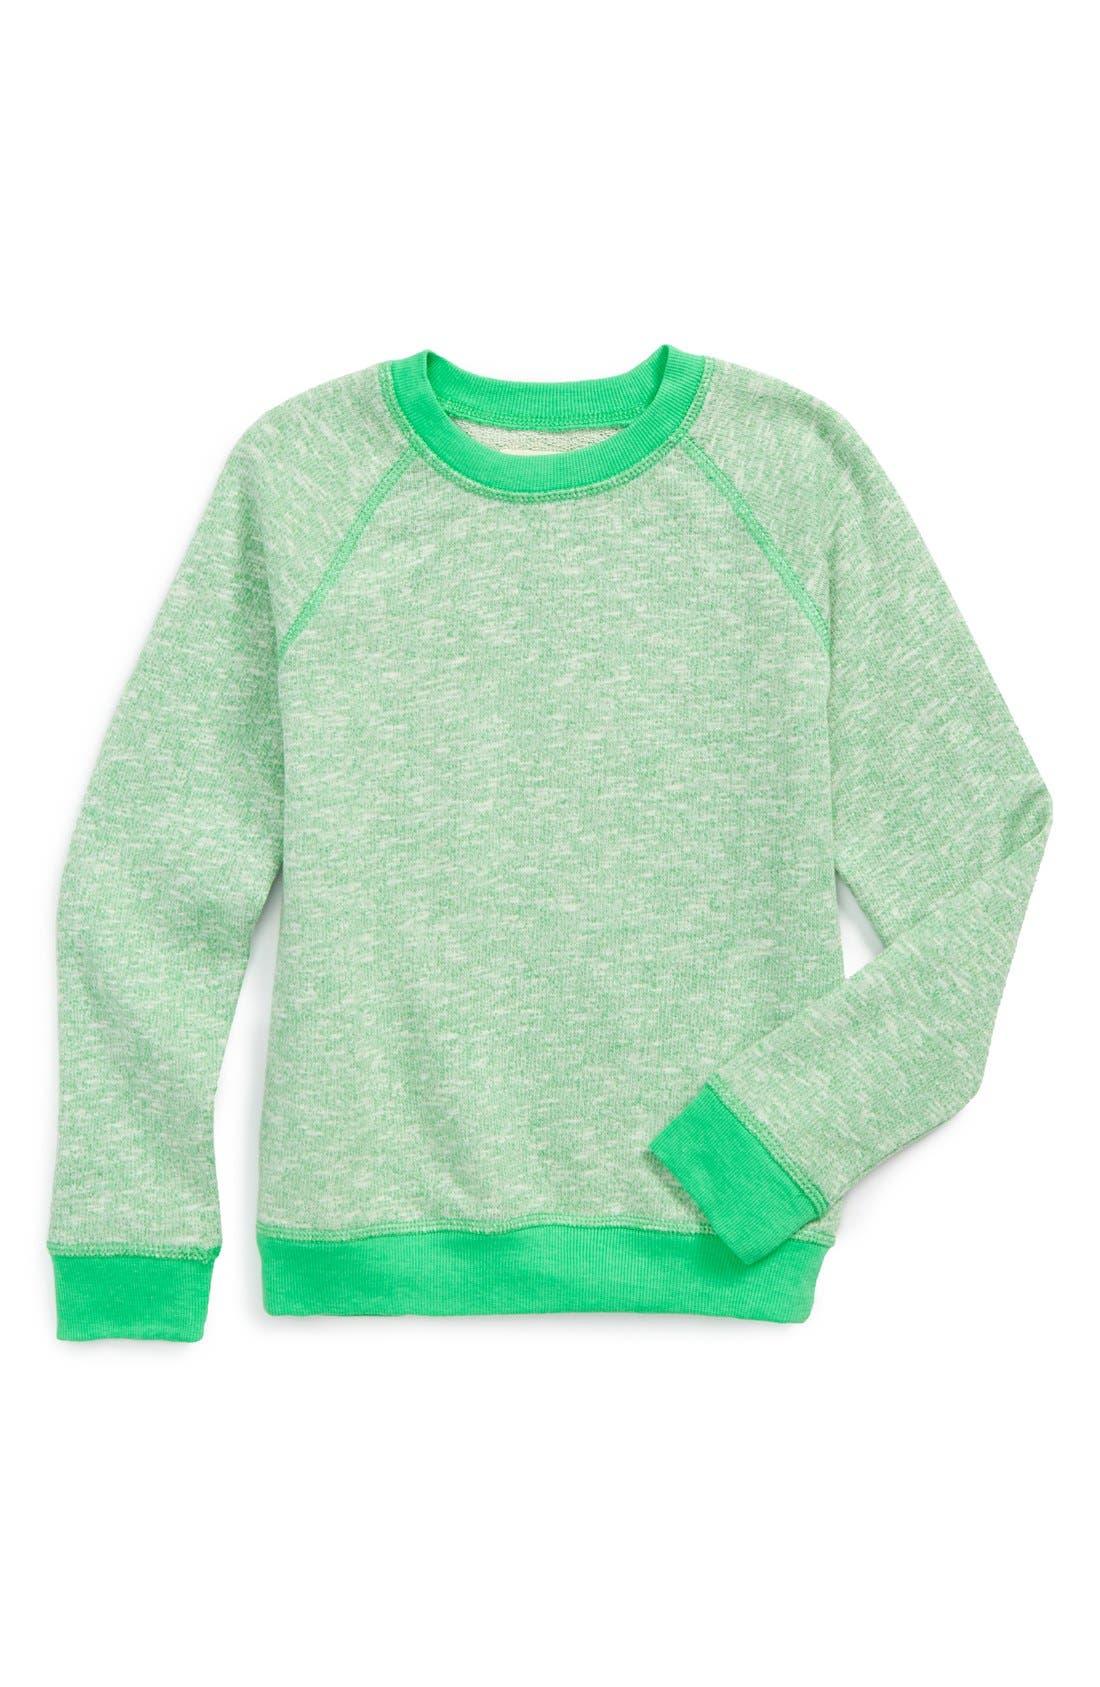 Space Dye Fleece Sweatshirt,                             Main thumbnail 1, color,                             330